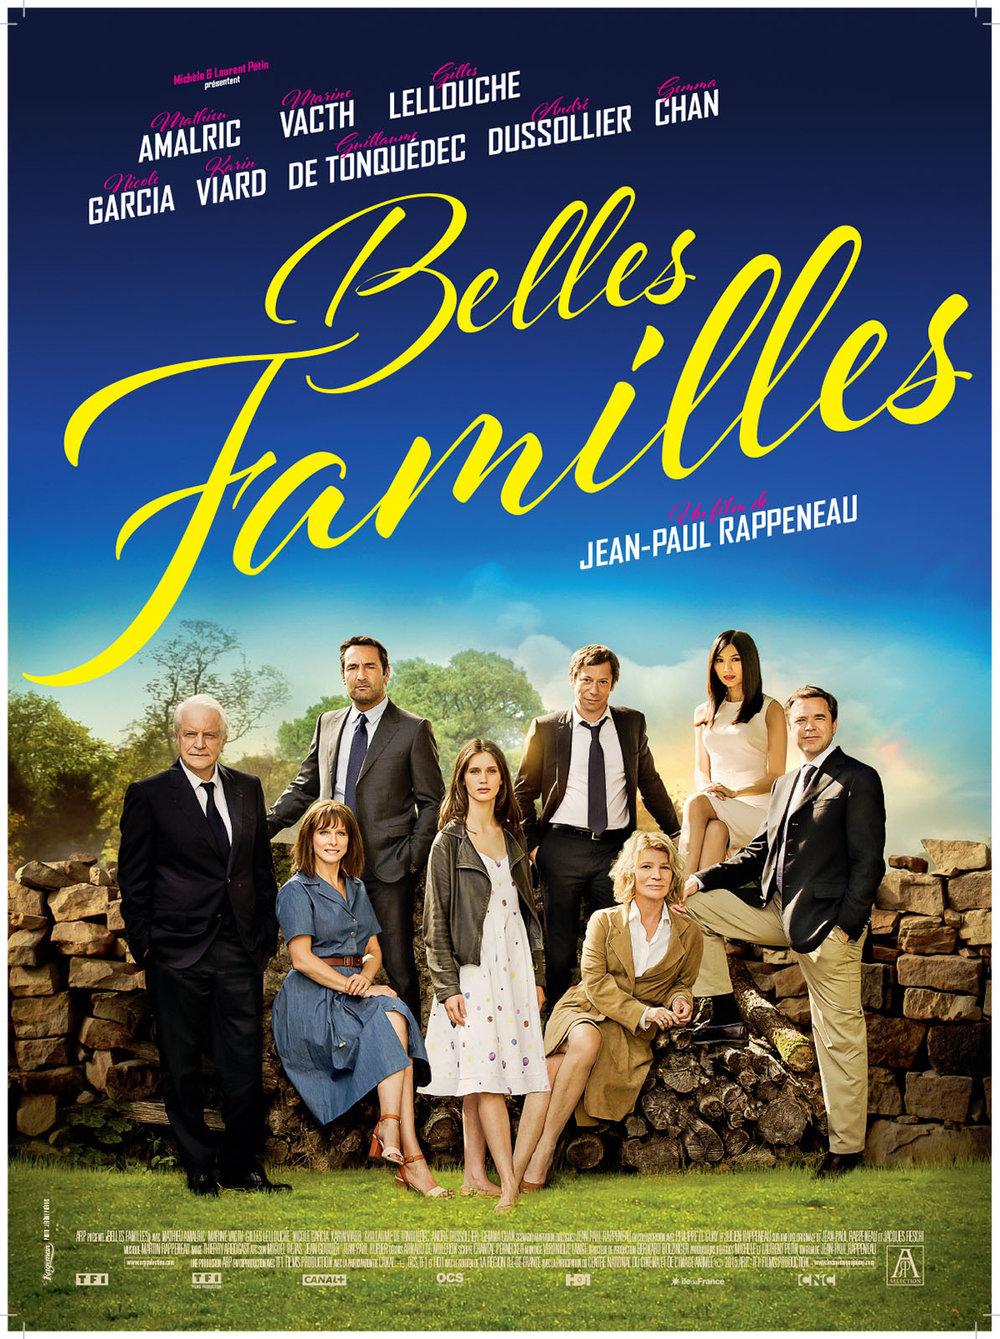 Belles familles.jpg